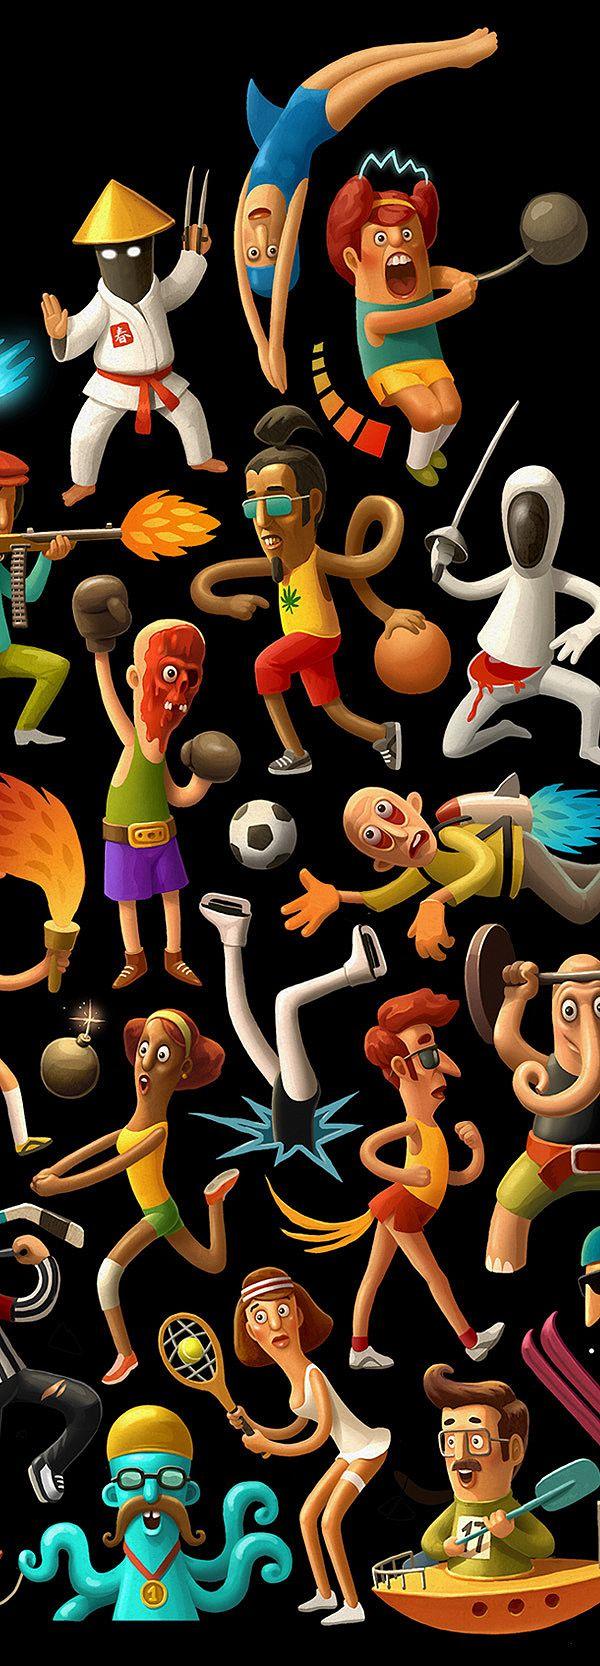 SPORT artwork by Andrey Gordeev, via Behance